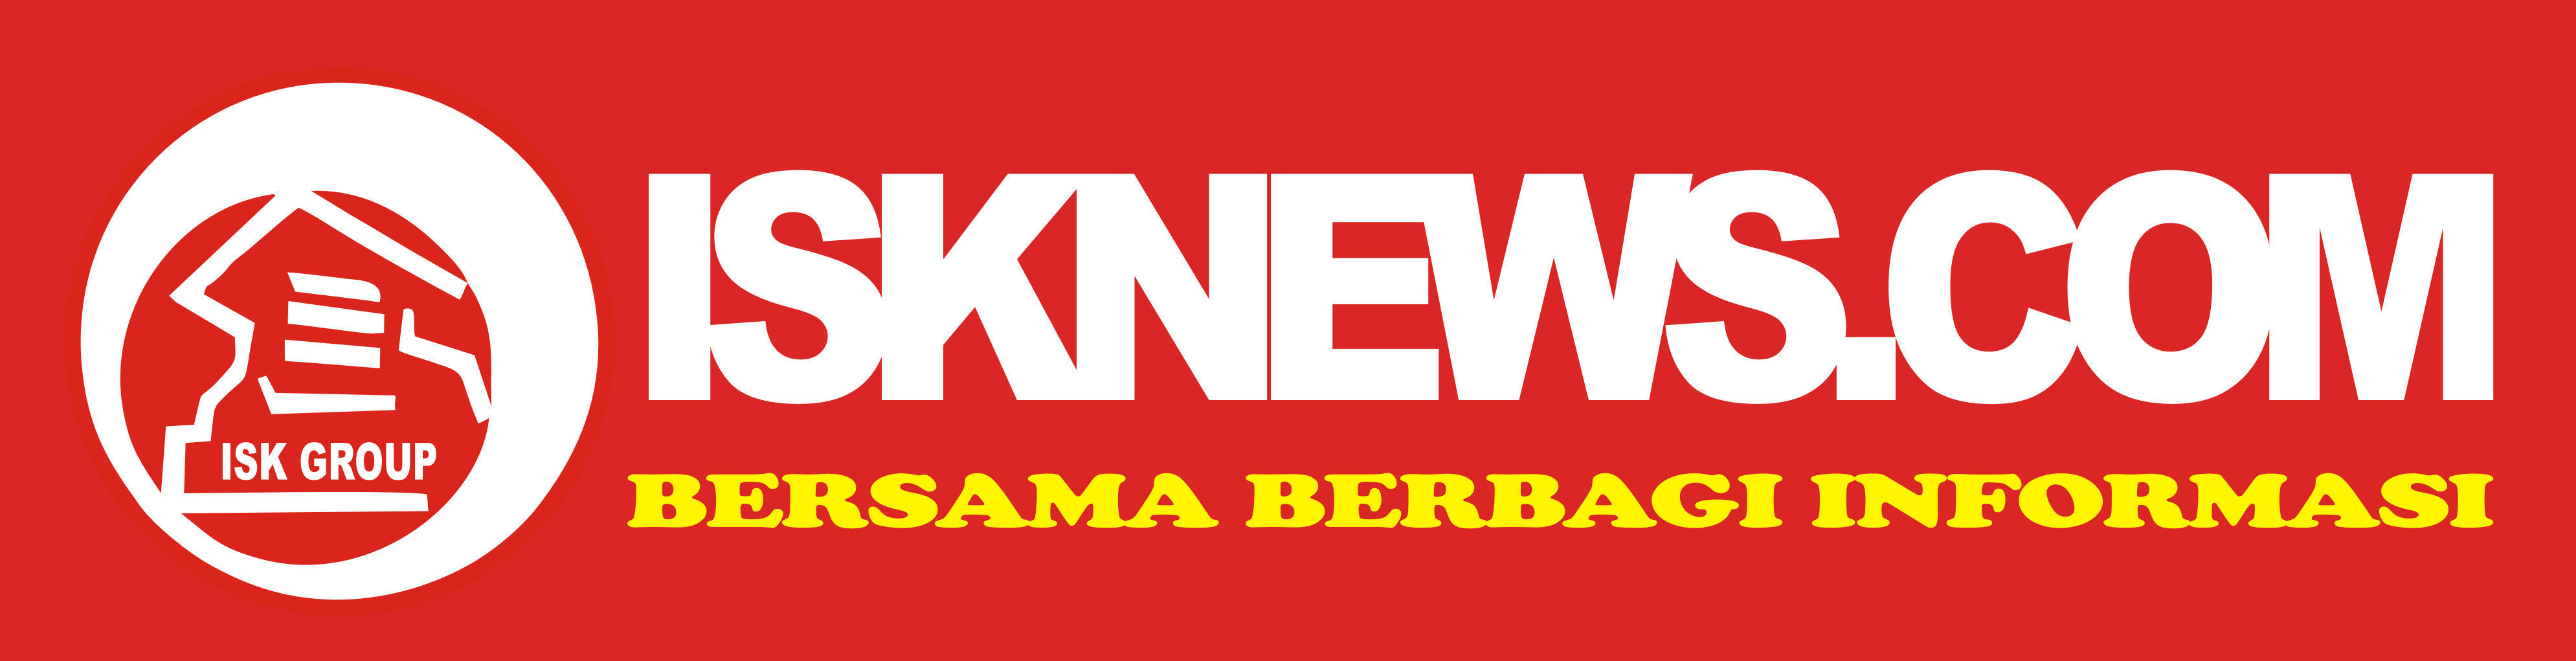 ISKNEWS.COM